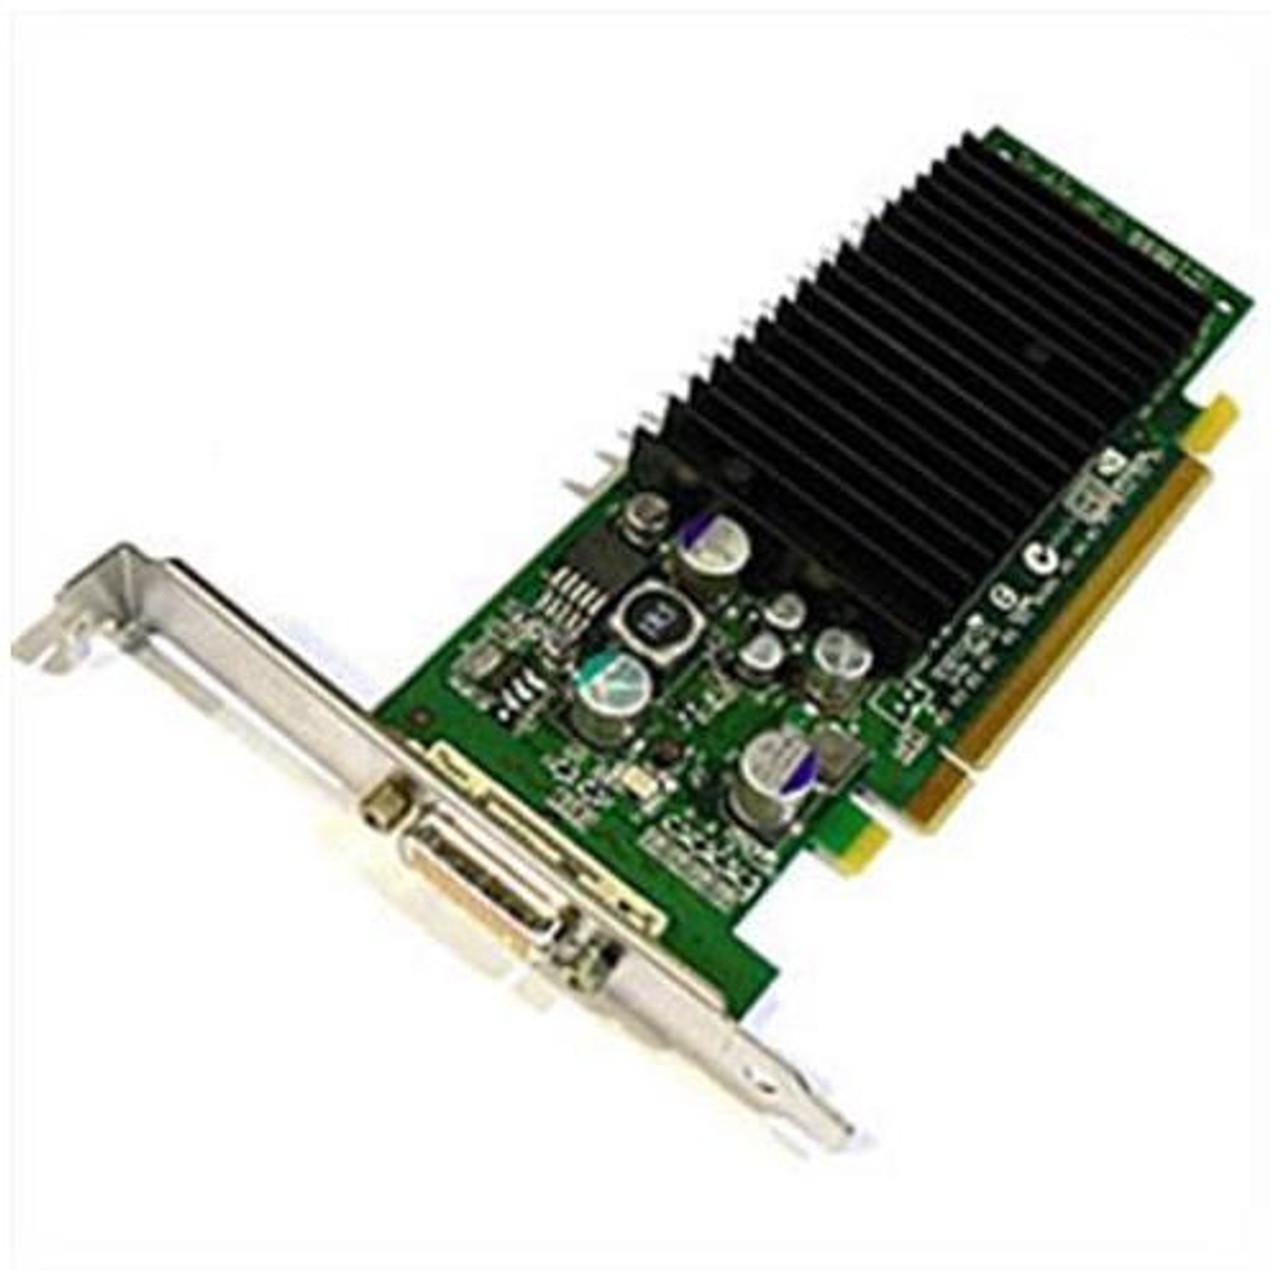 N11071 NVIDIA N11071 NVIDIA N11071